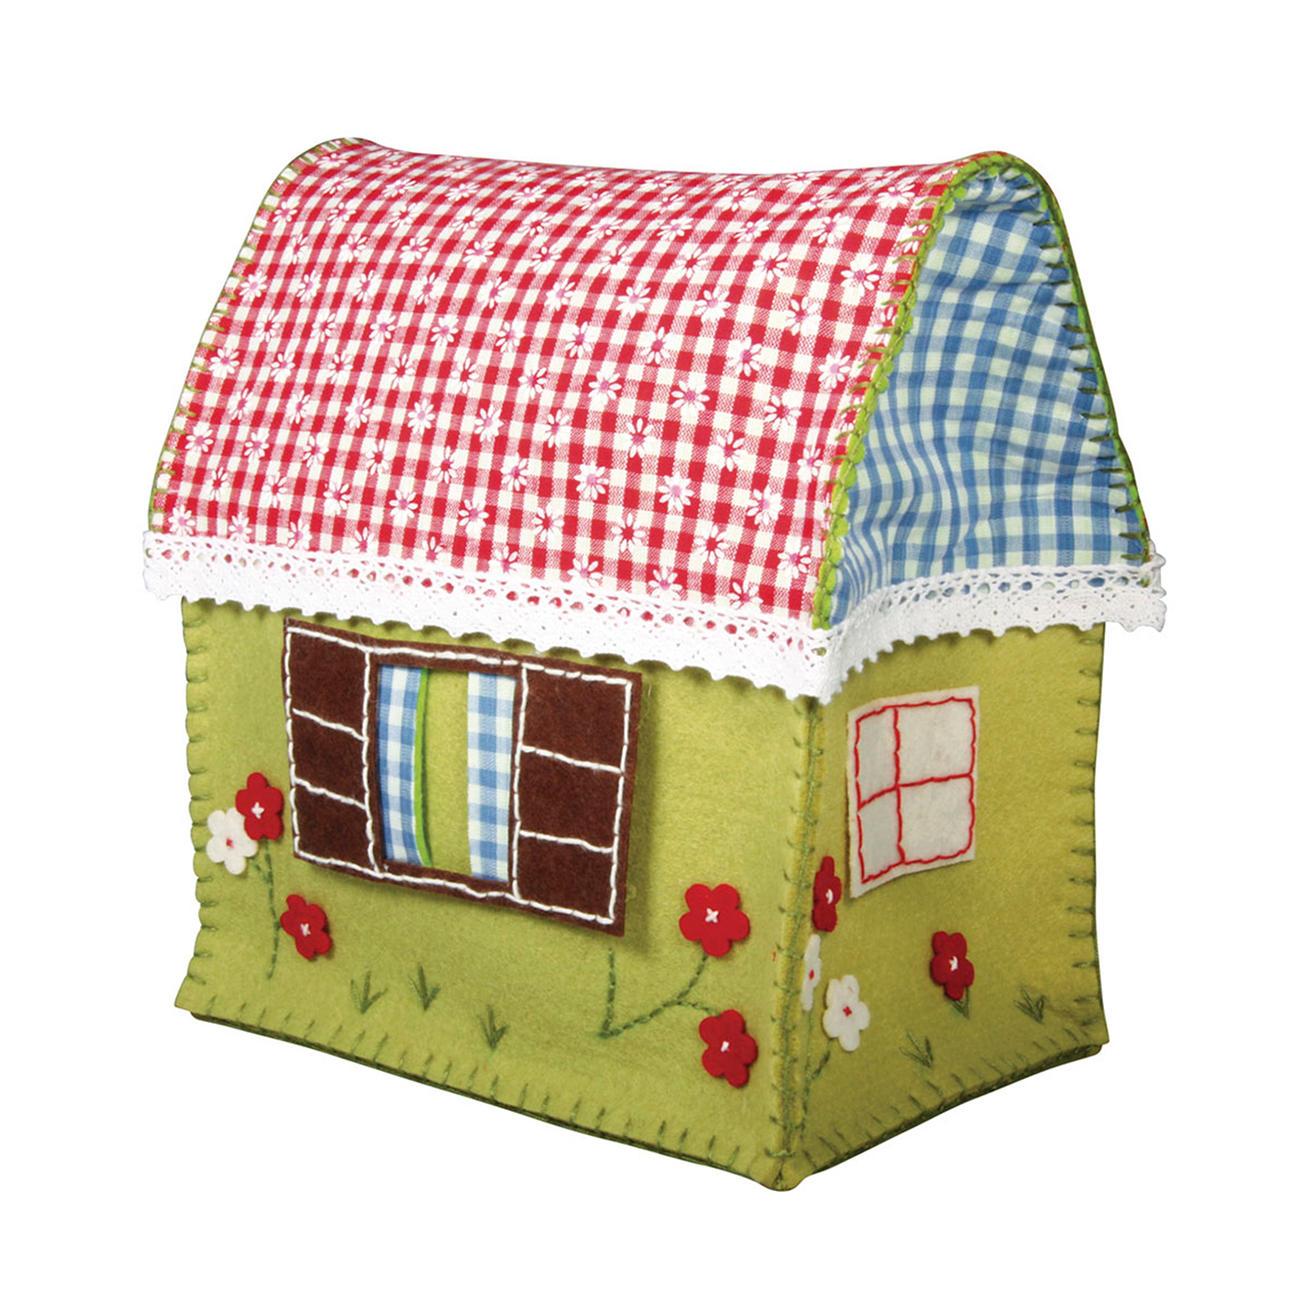 t rstopper sweet home. Black Bedroom Furniture Sets. Home Design Ideas